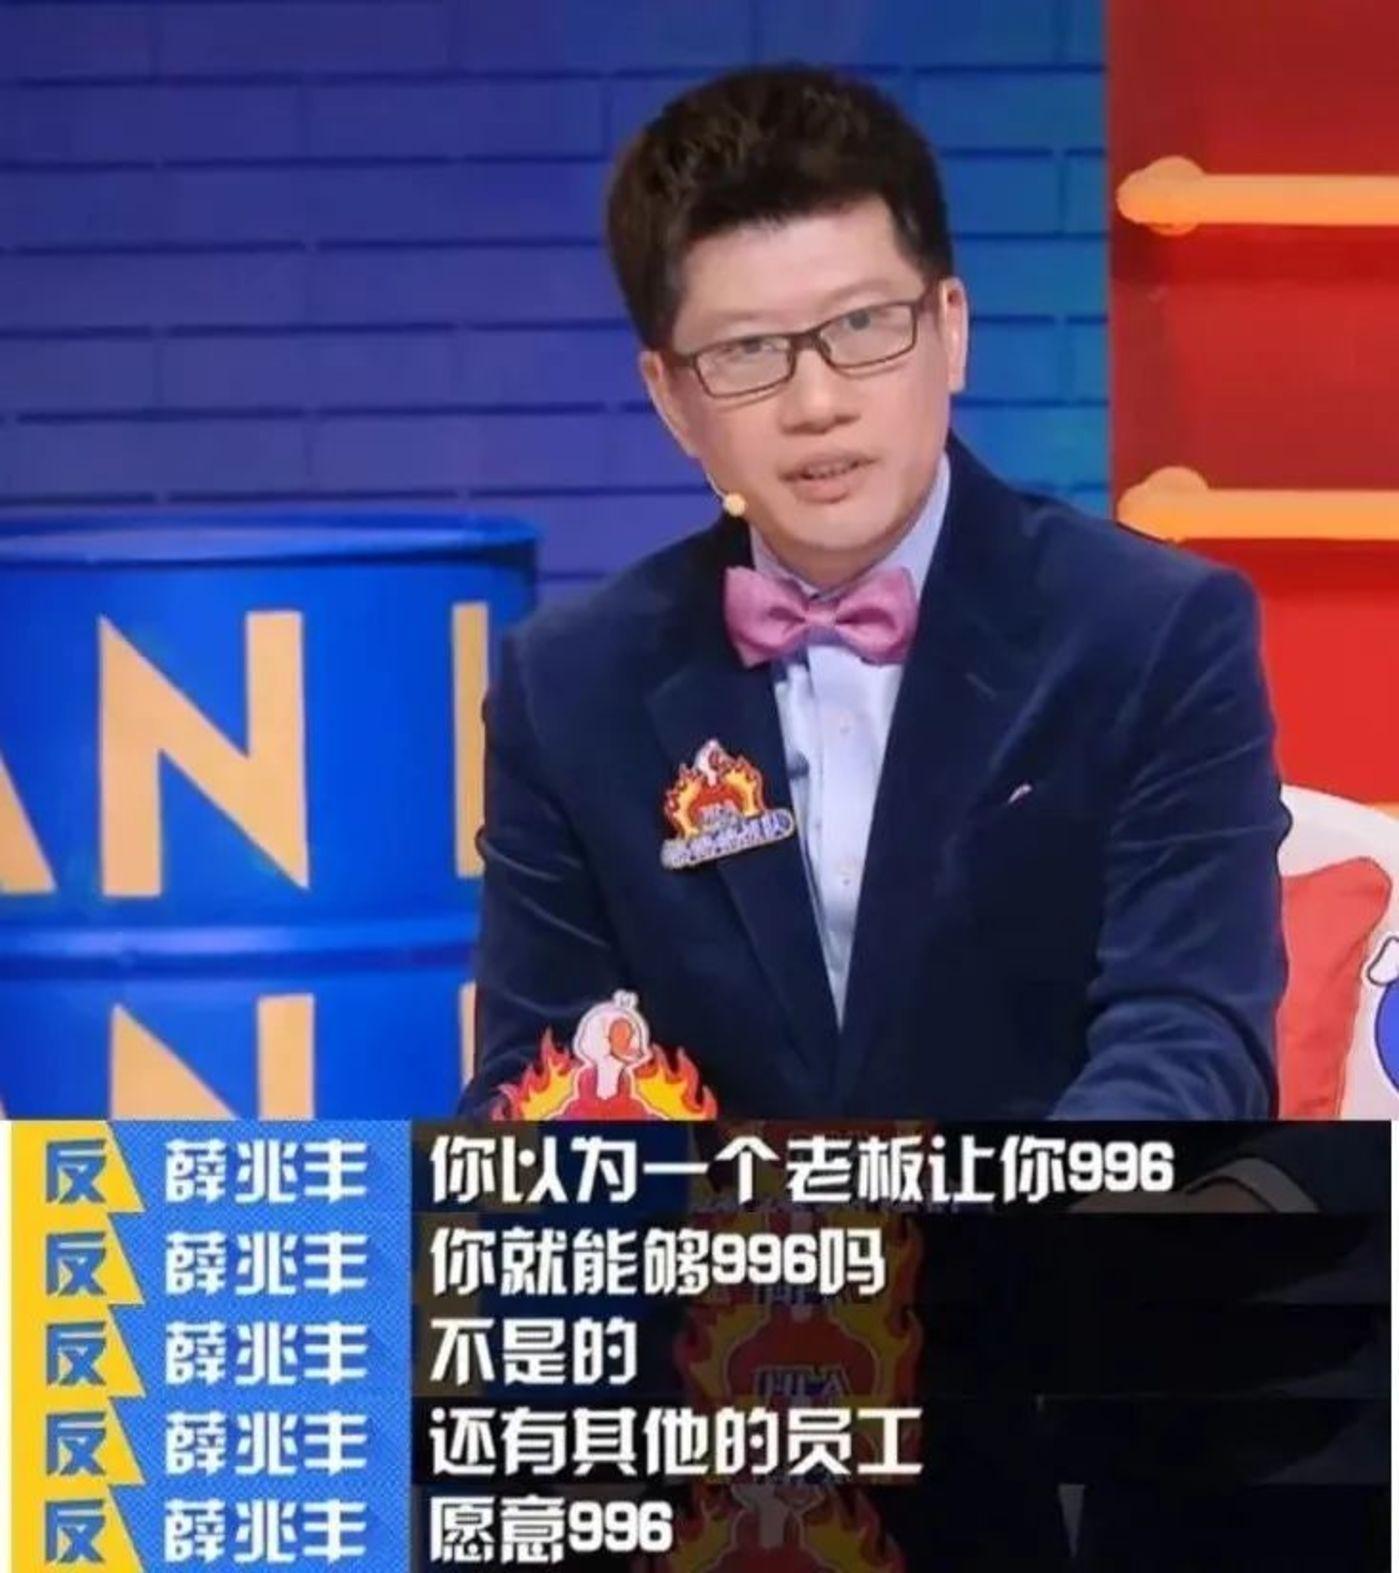 薛兆丰解读996